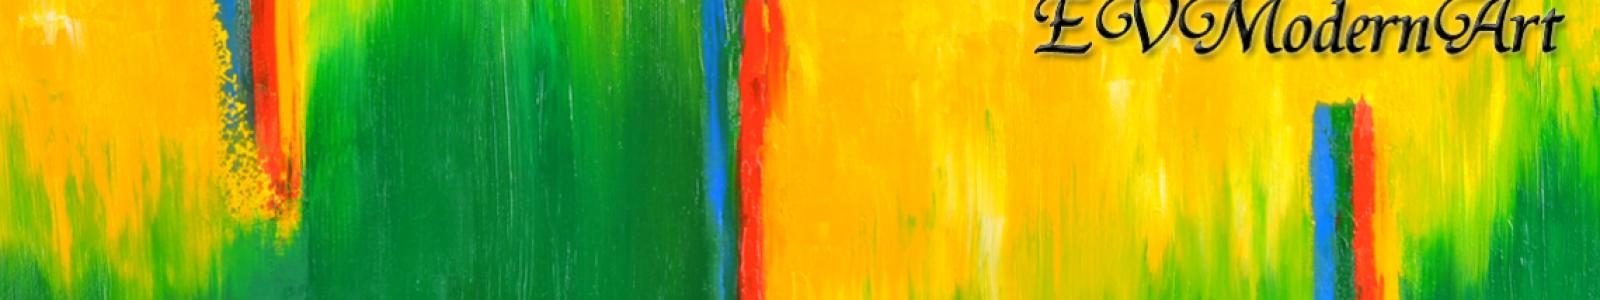 Gallery Painter Elena Vart